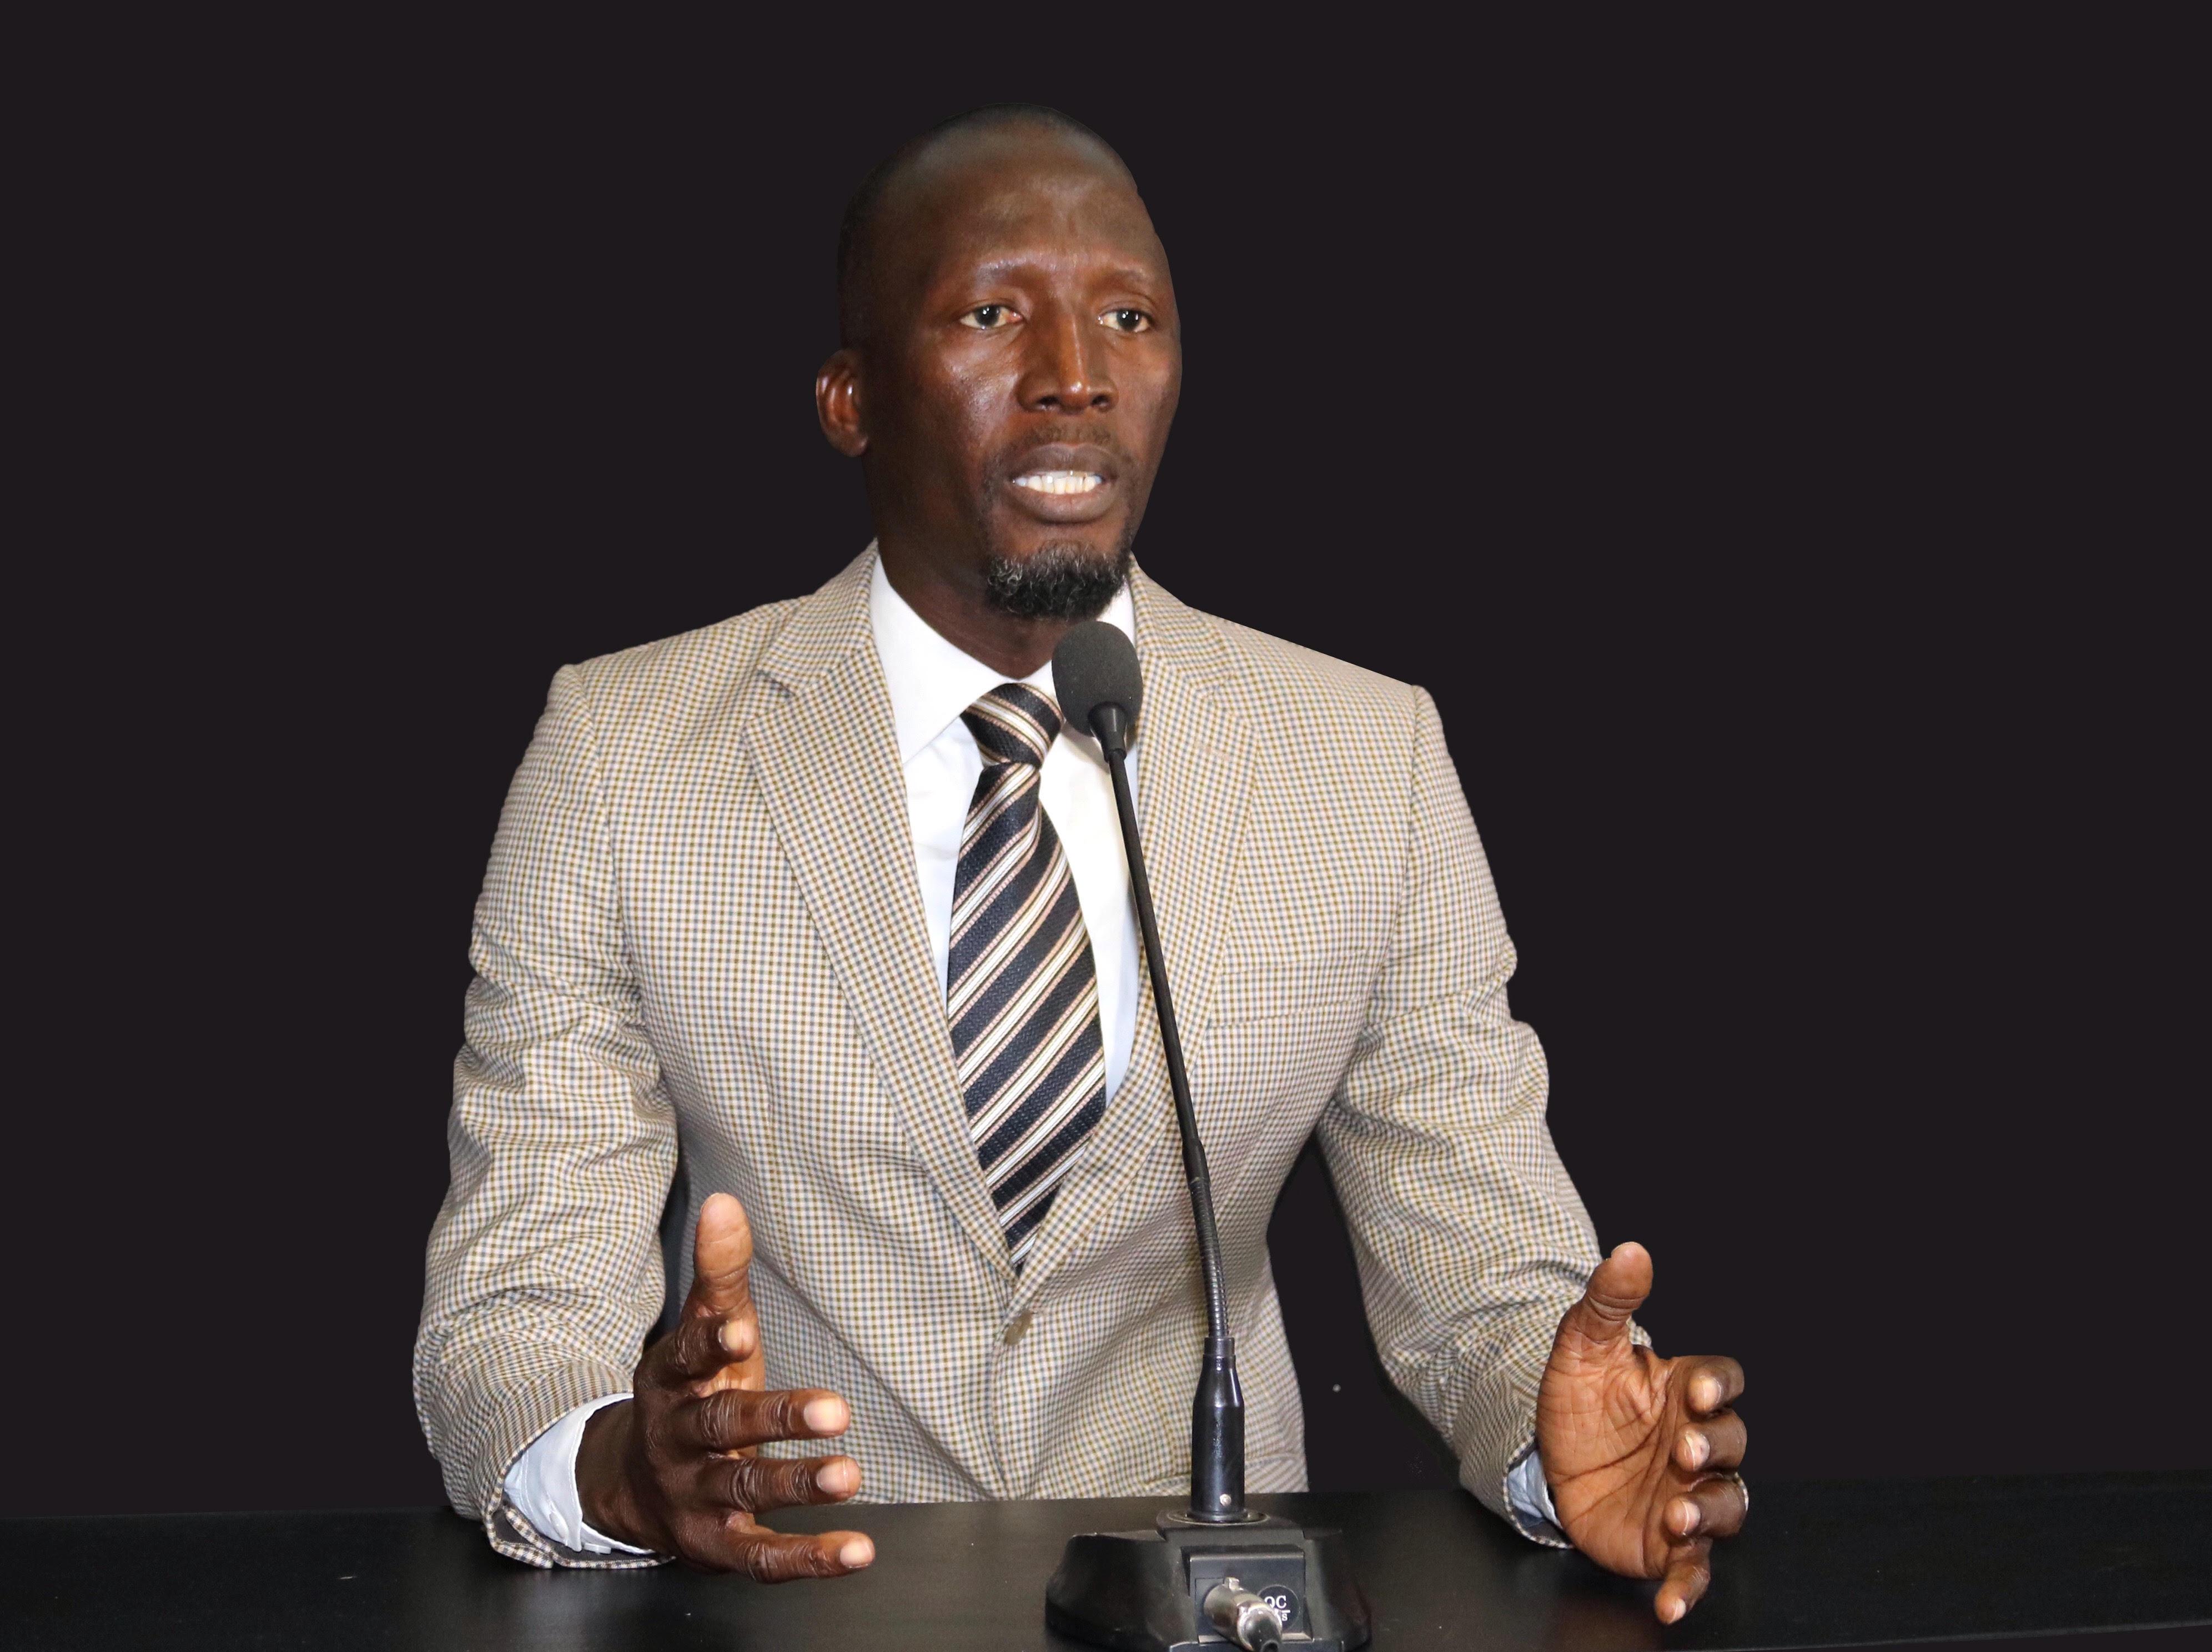 Hommes politiques, SVP, Thierno Souleymane Baal vous regarde (Par El Hadji Mansour Samb)